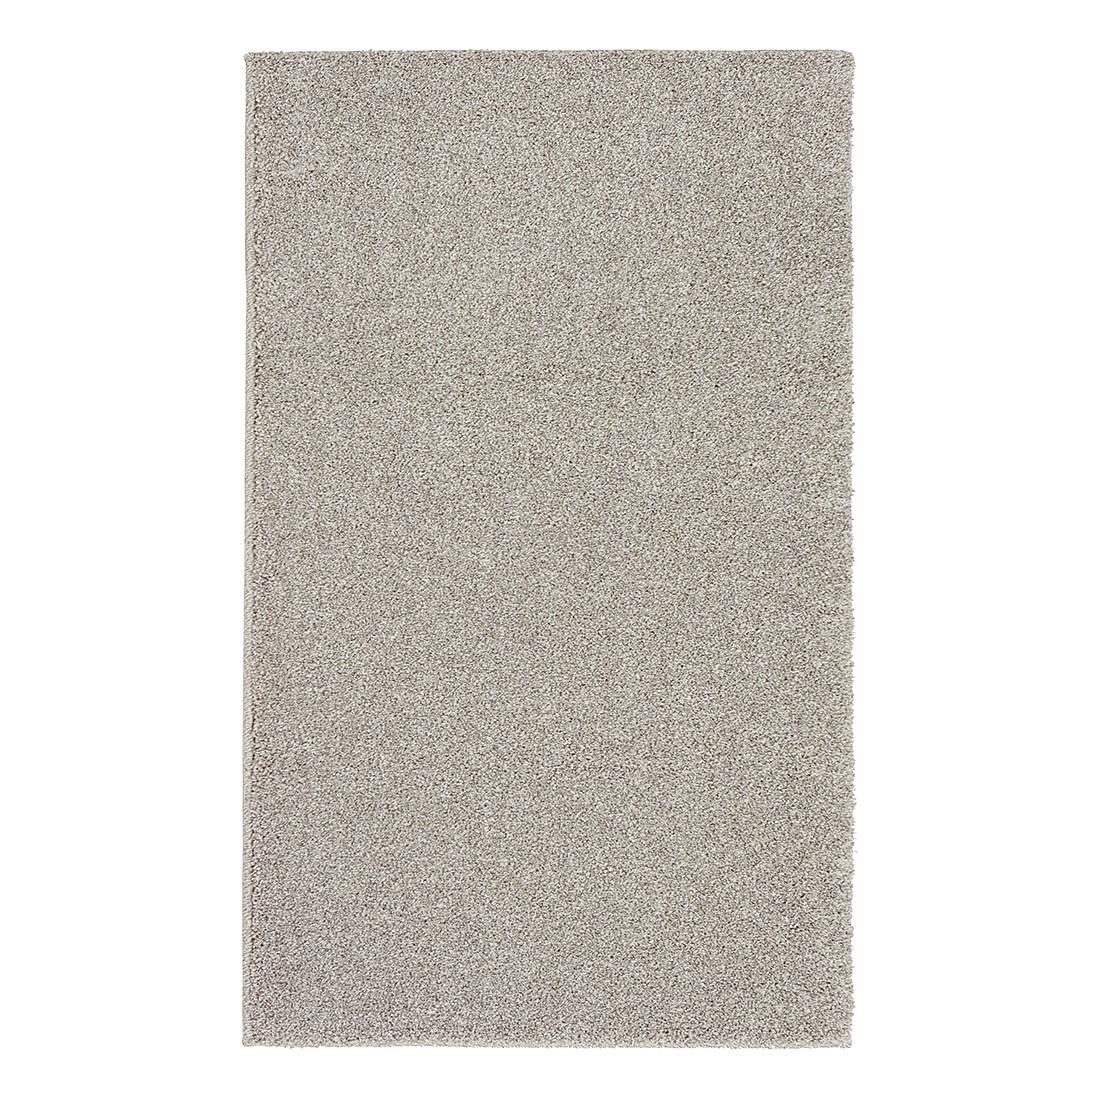 teppich silber teppich silbergrau gro teppich silber xxl shaggy with teppich silber teppiche. Black Bedroom Furniture Sets. Home Design Ideas